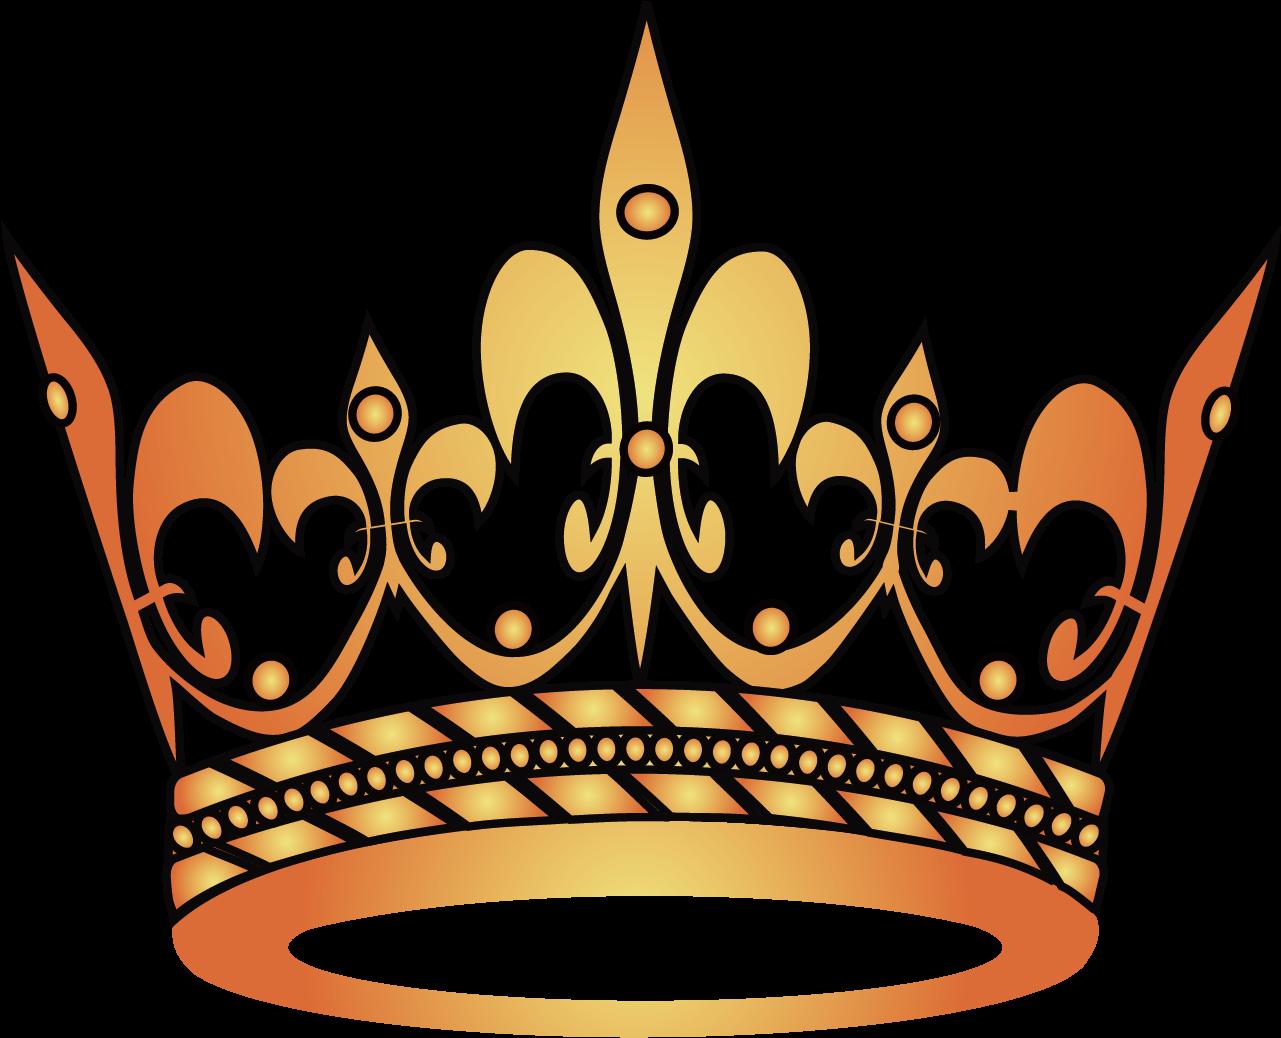 оао корона разноцветная картинки полупроводниковый